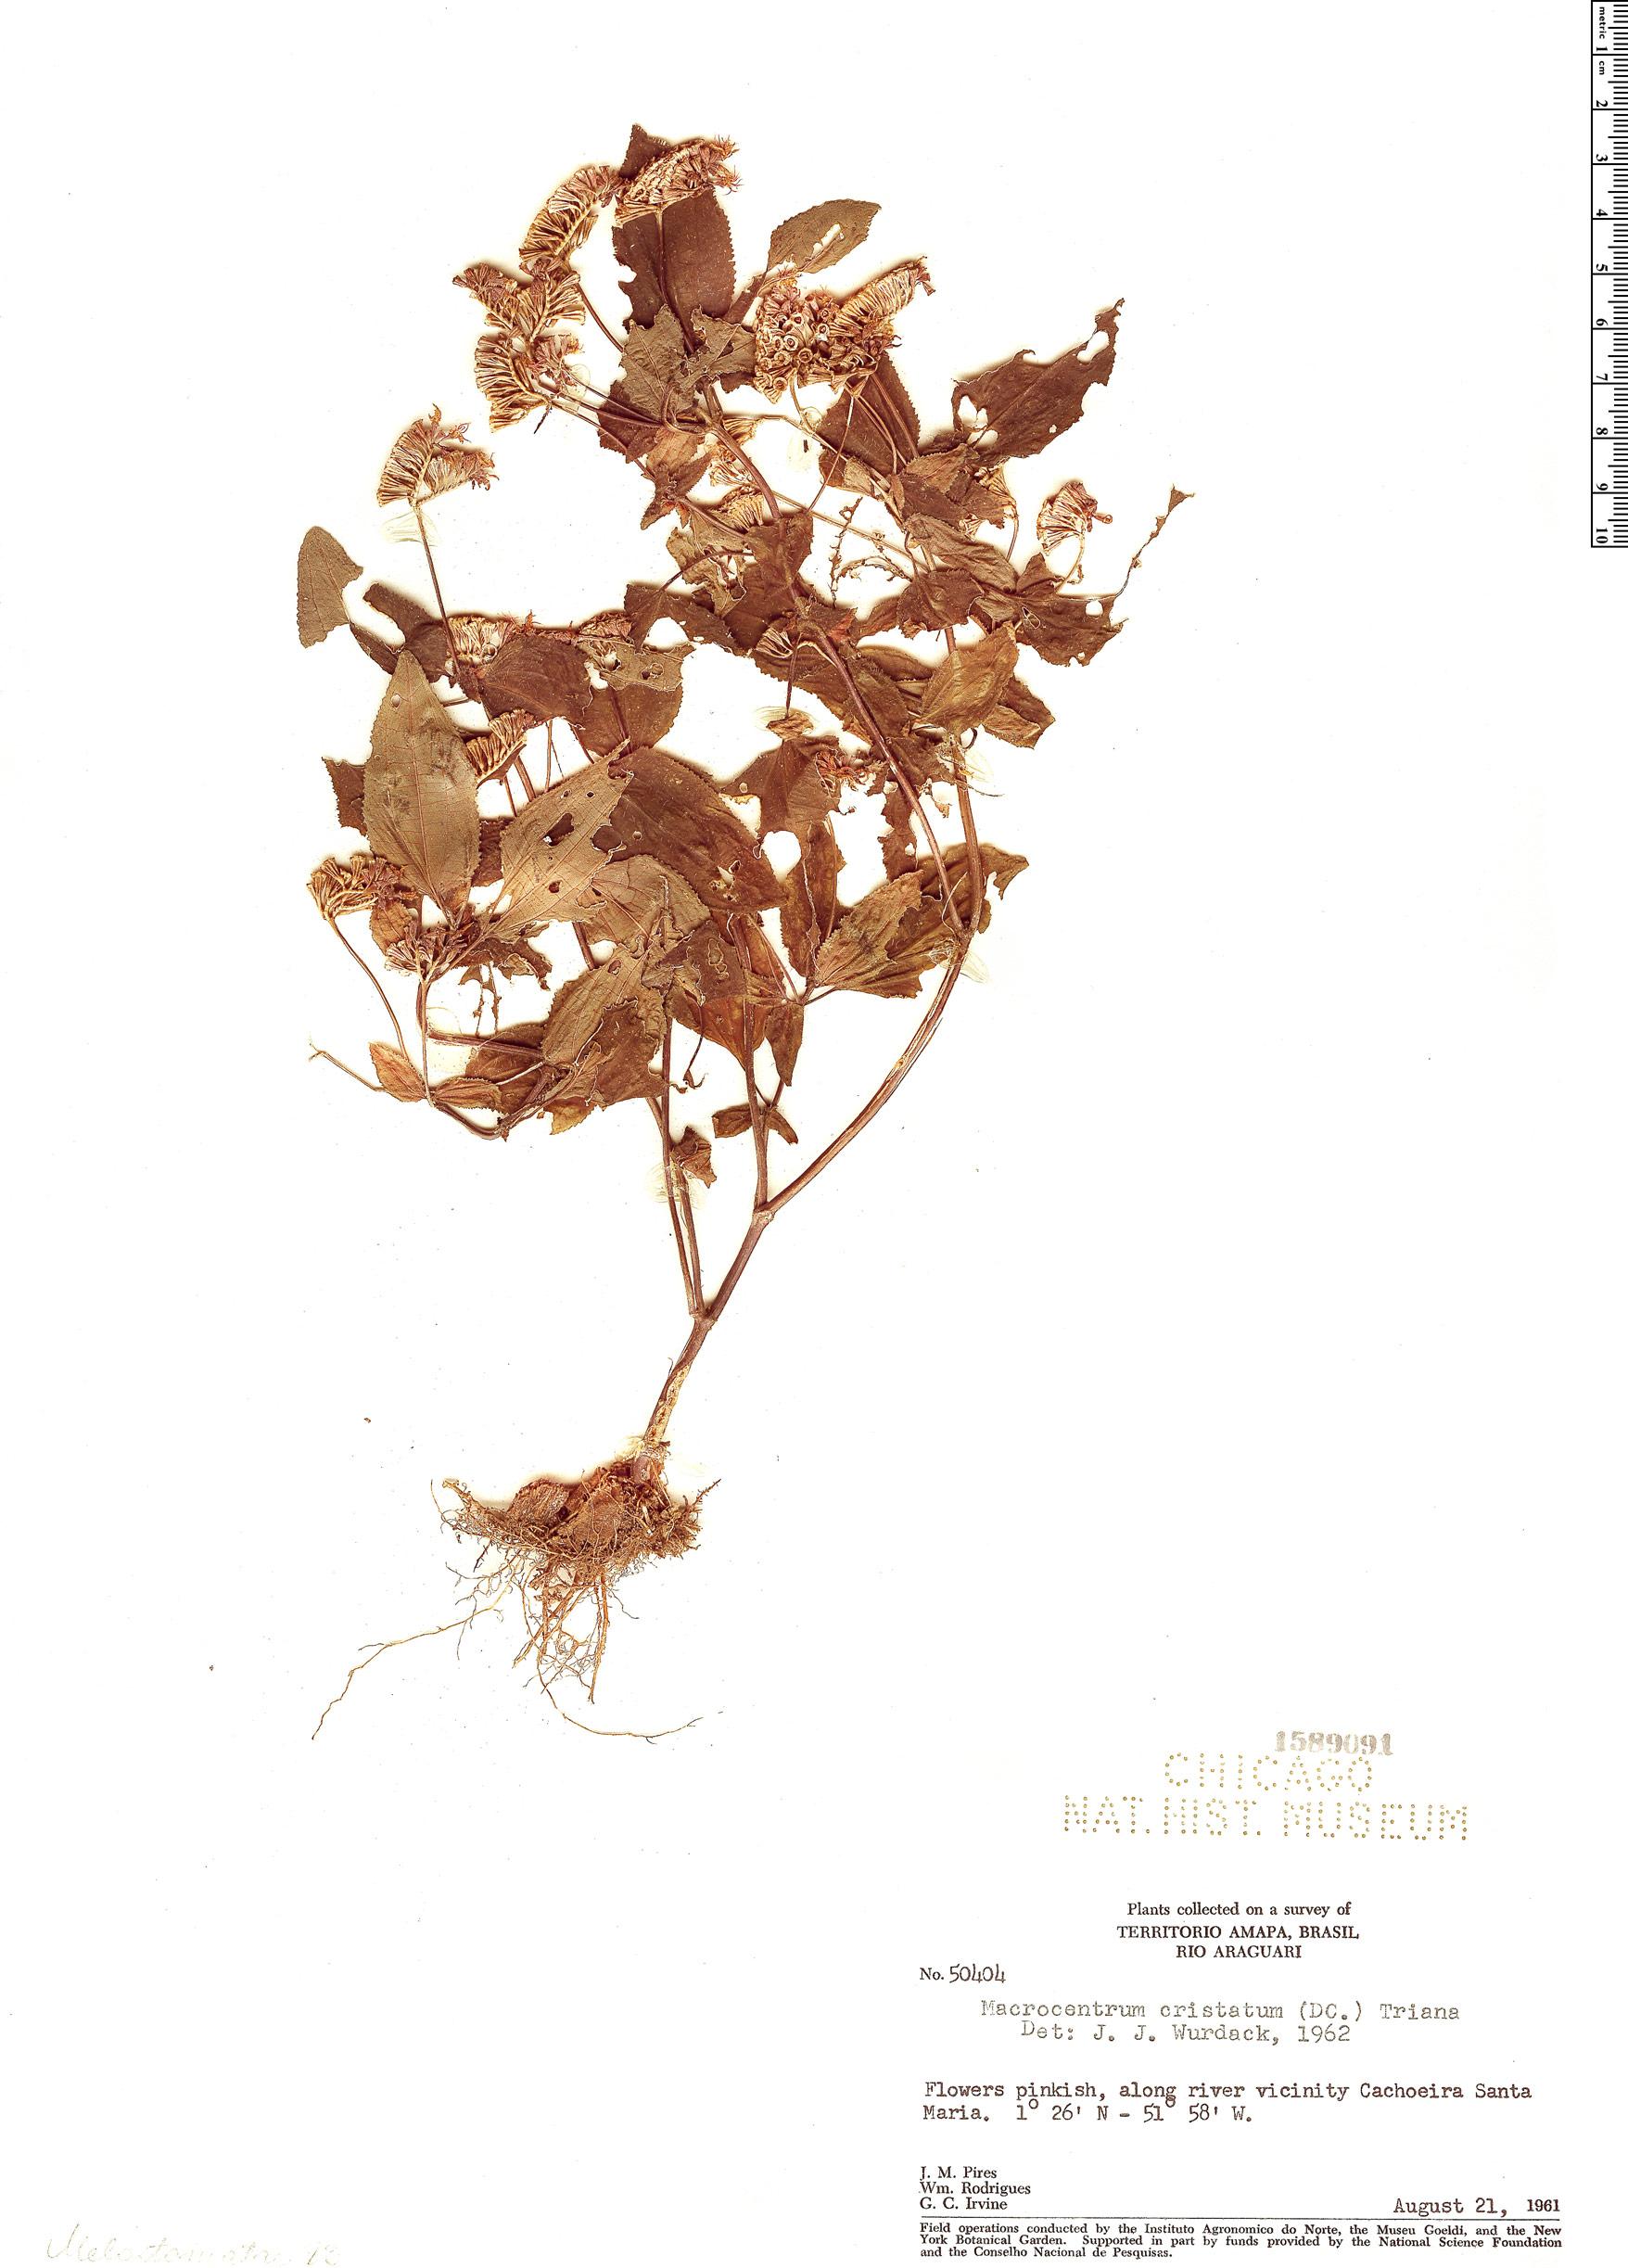 Specimen: Macrocentrum cristatum